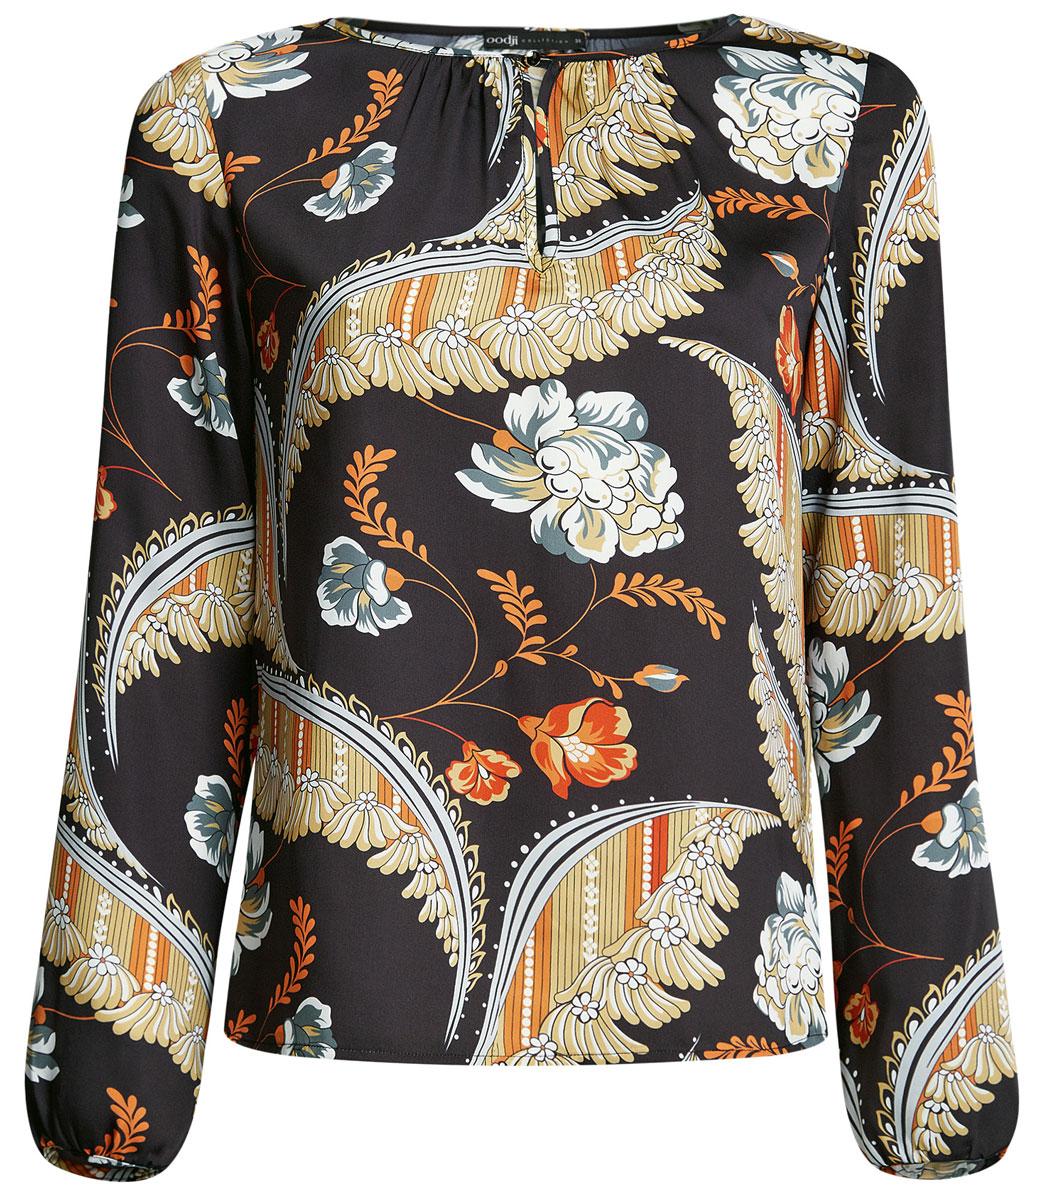 Блузка женская oodji Collection, цвет: черный, бежевый. 21400321-2/33116/2933F. Размер 36-170 (42-170)21400321-2/33116/2933FЖенская стильная блузка oodji исполнена из гладкой воздушной ткани. Оформлена рукавами-баллонами и круглым аккуратным воротником с вырезом-капелькой, декорированным пуговкой. Отлично подойдет для создания утонченного образа, как в повседневном стиле, так и в полуделовом.